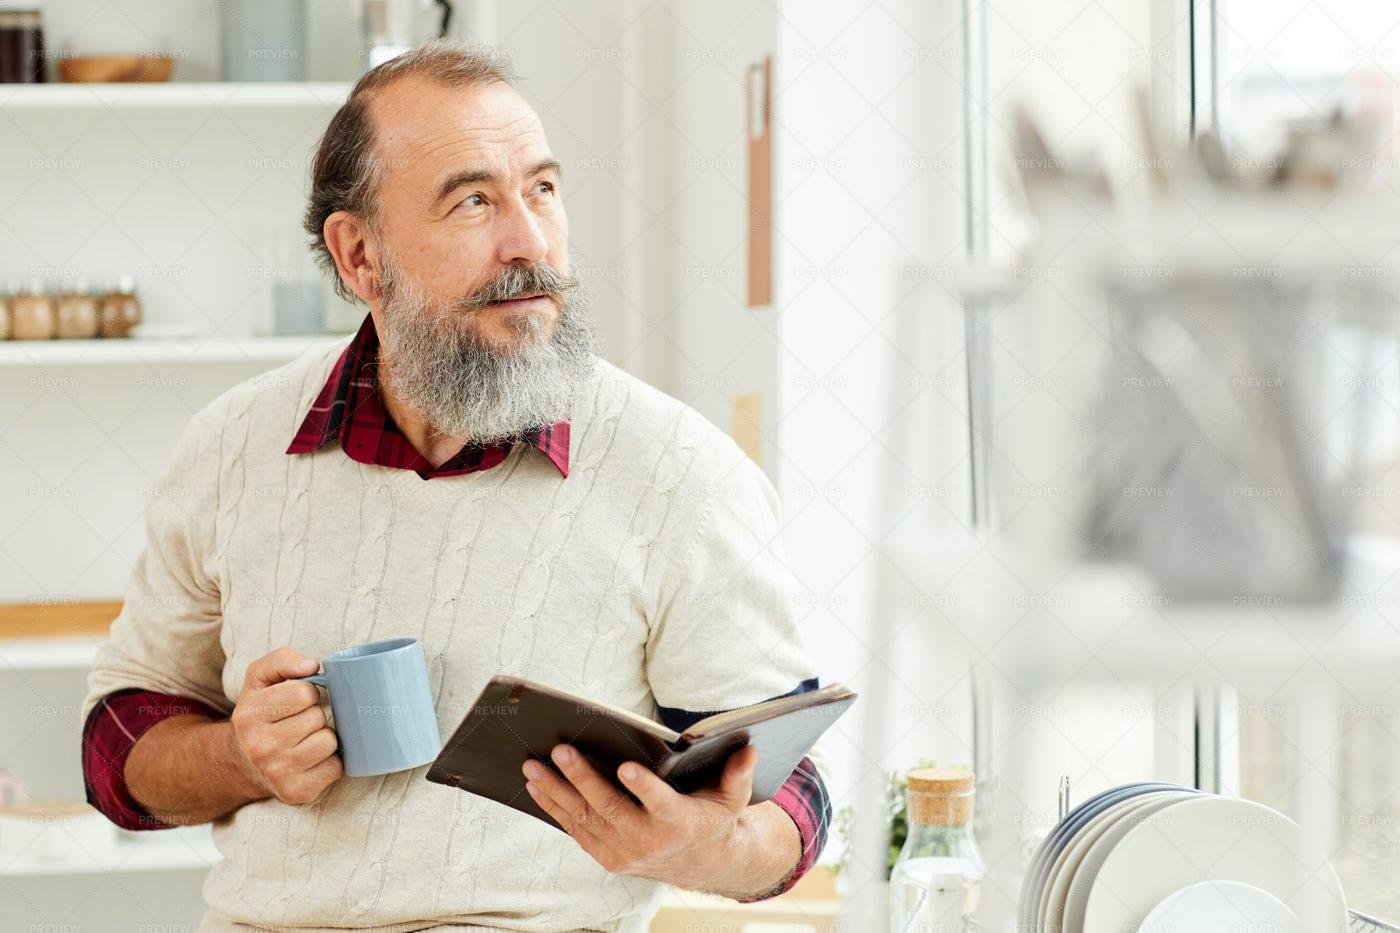 Bearded Senior Man Enjoying Morning...: Stock Photos